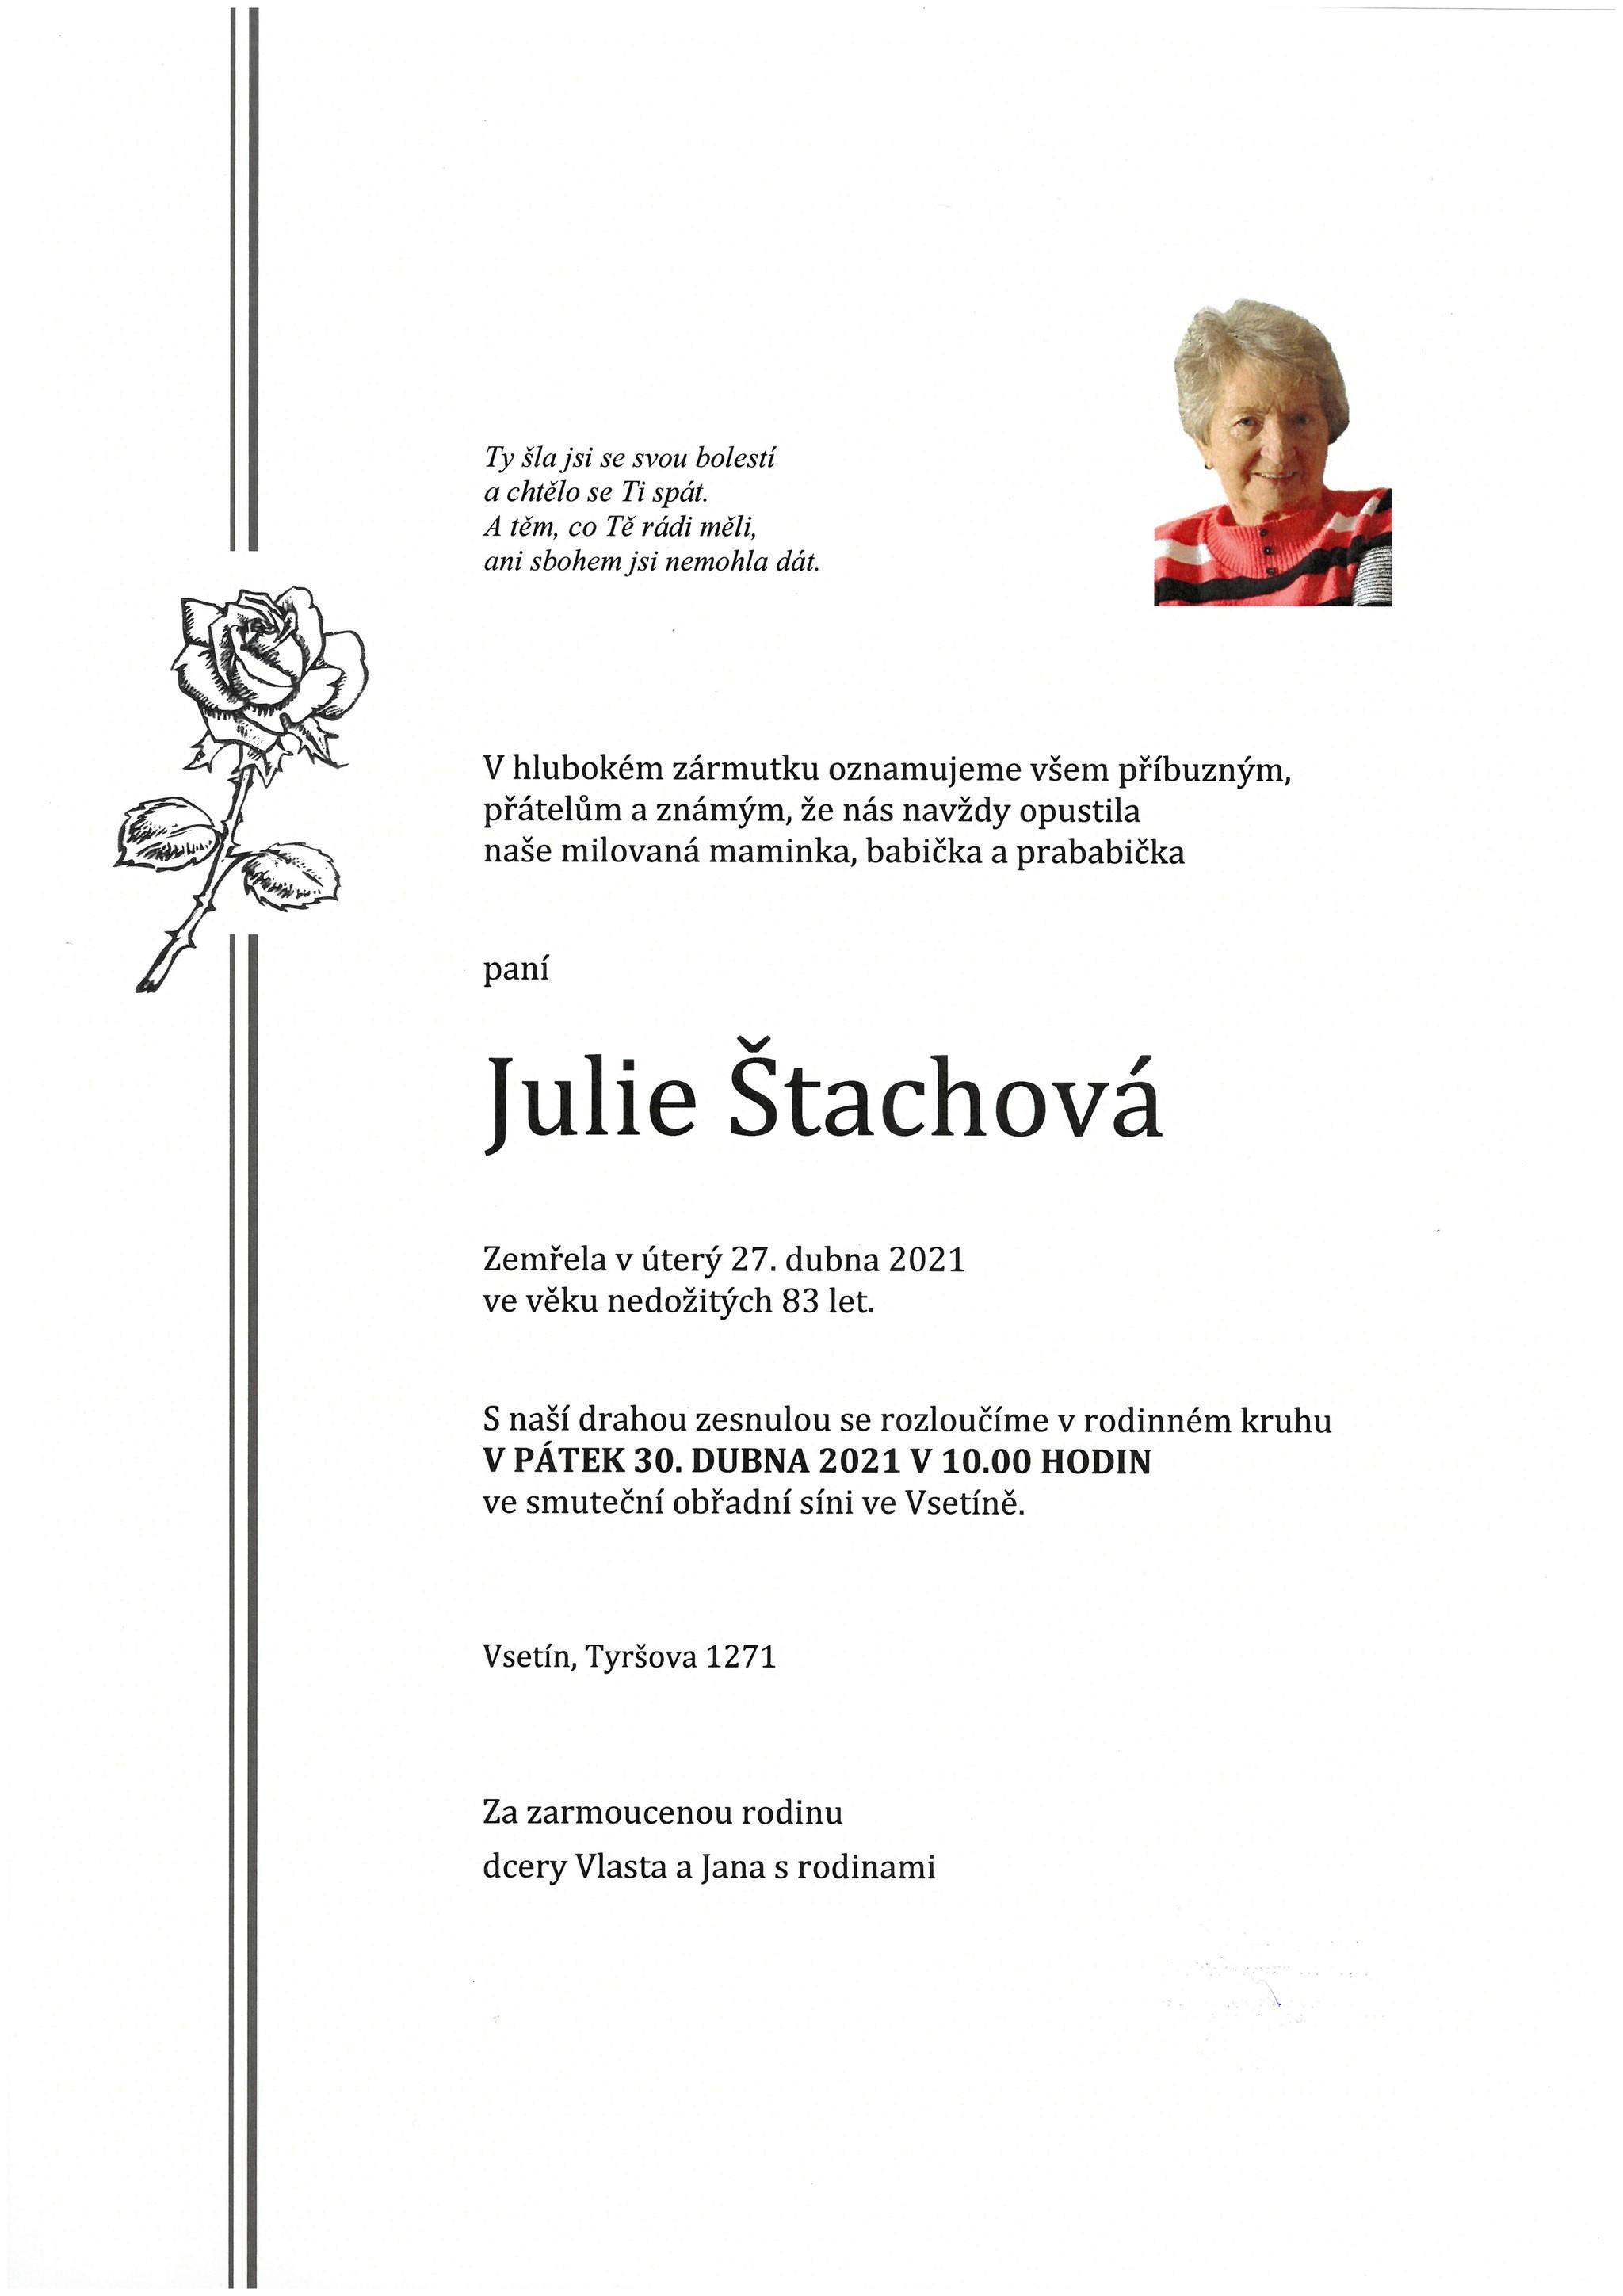 Julie Štachová